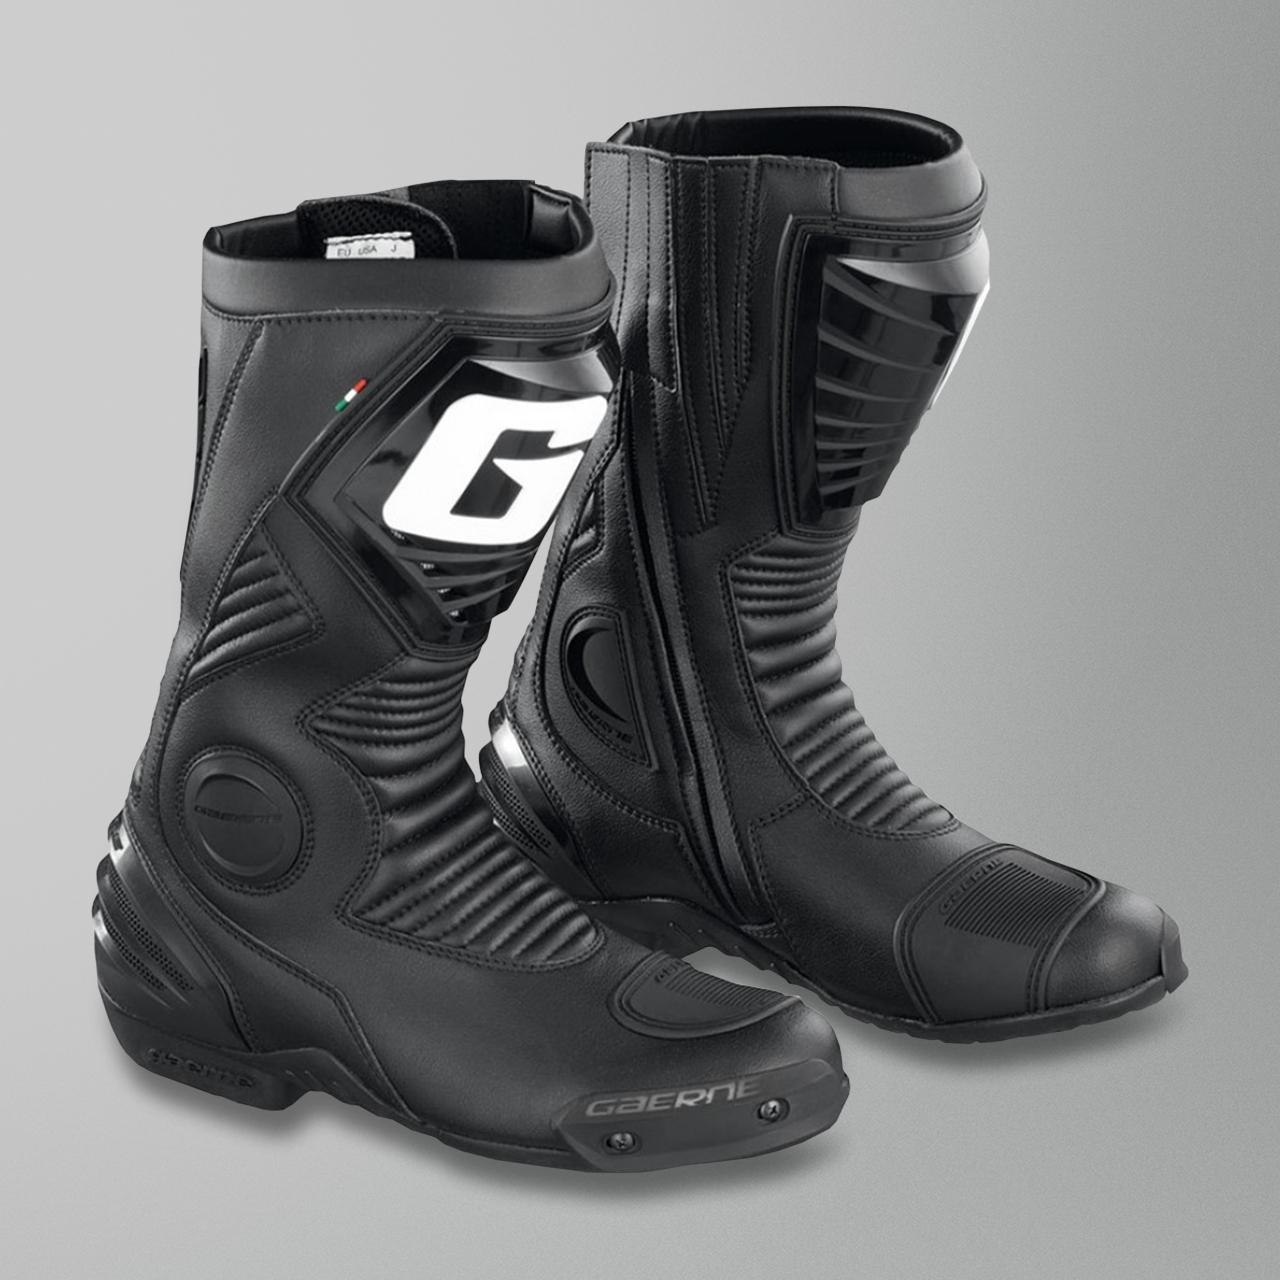 12 Gaerne G-Adventure Boots Black